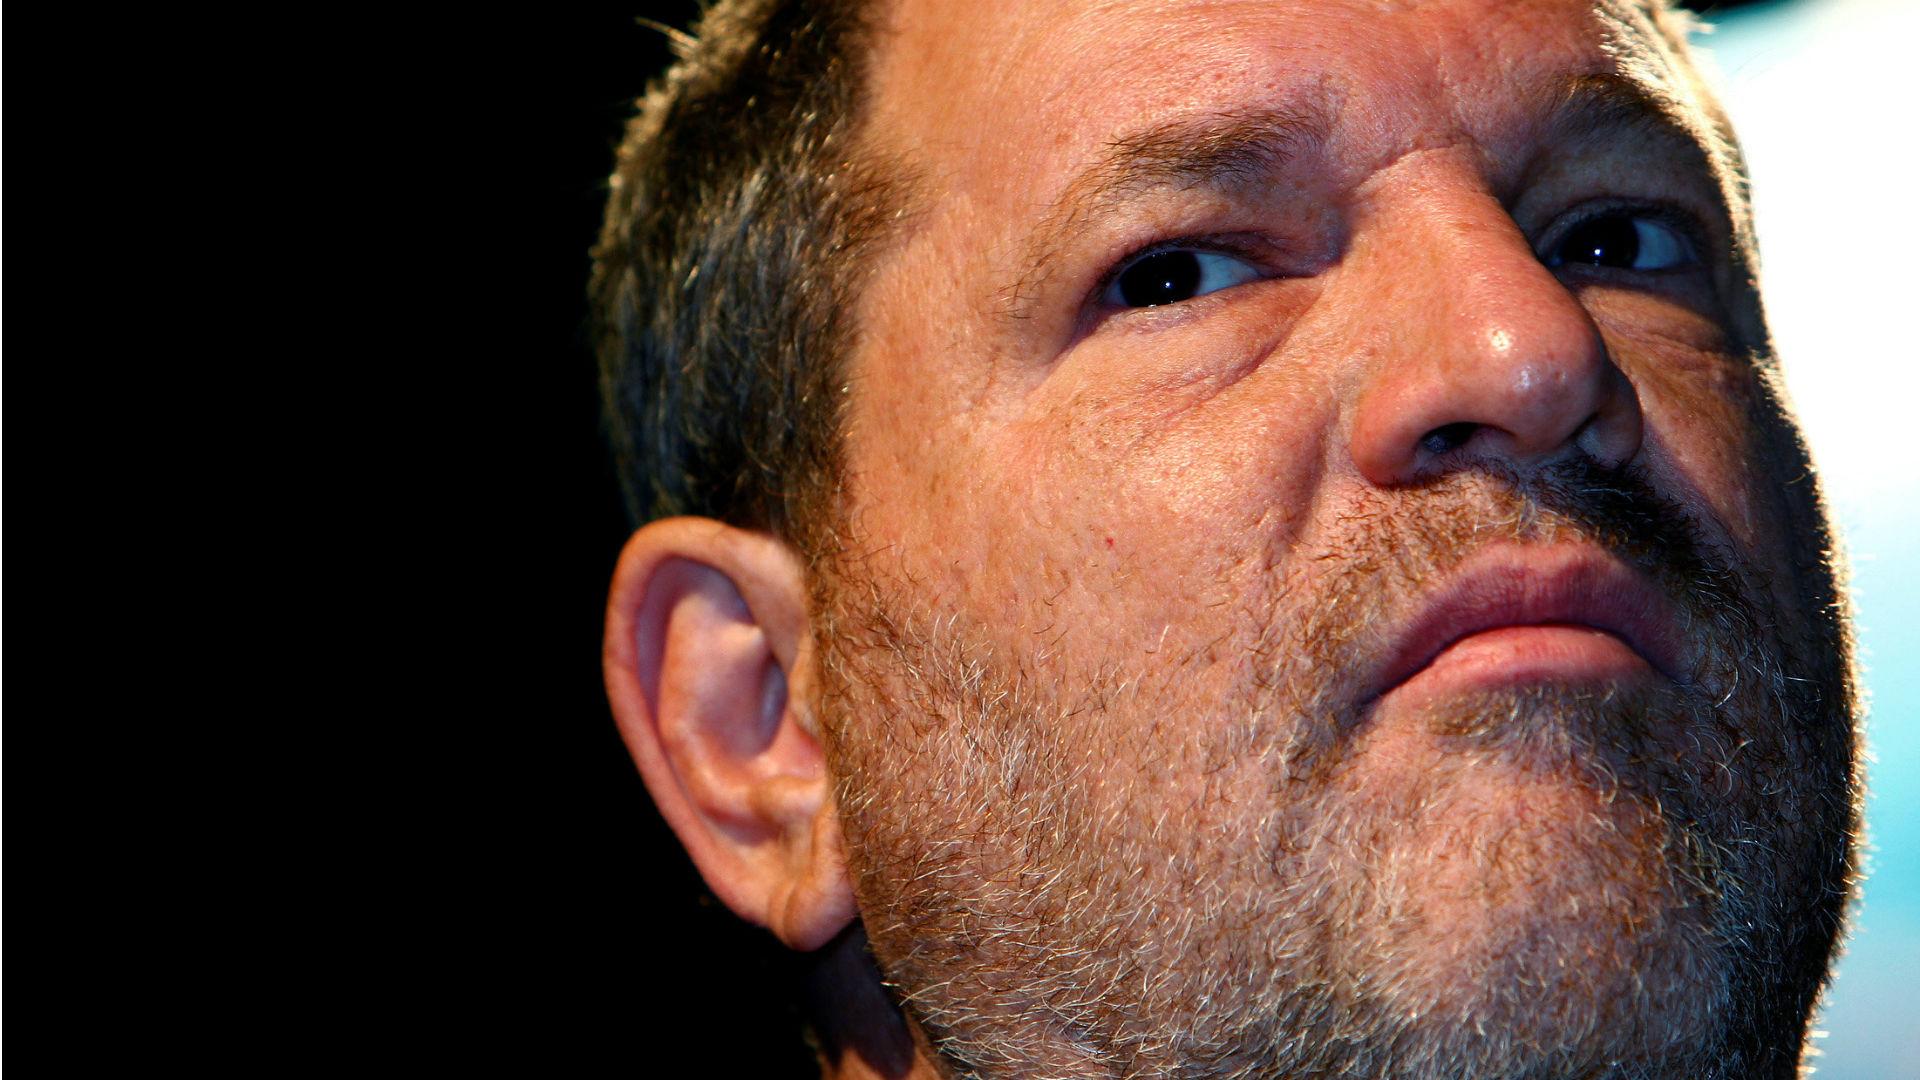 El productor Harvey Weinstein fue acusado por más de 80 mujeres de abuso y acoso sexual